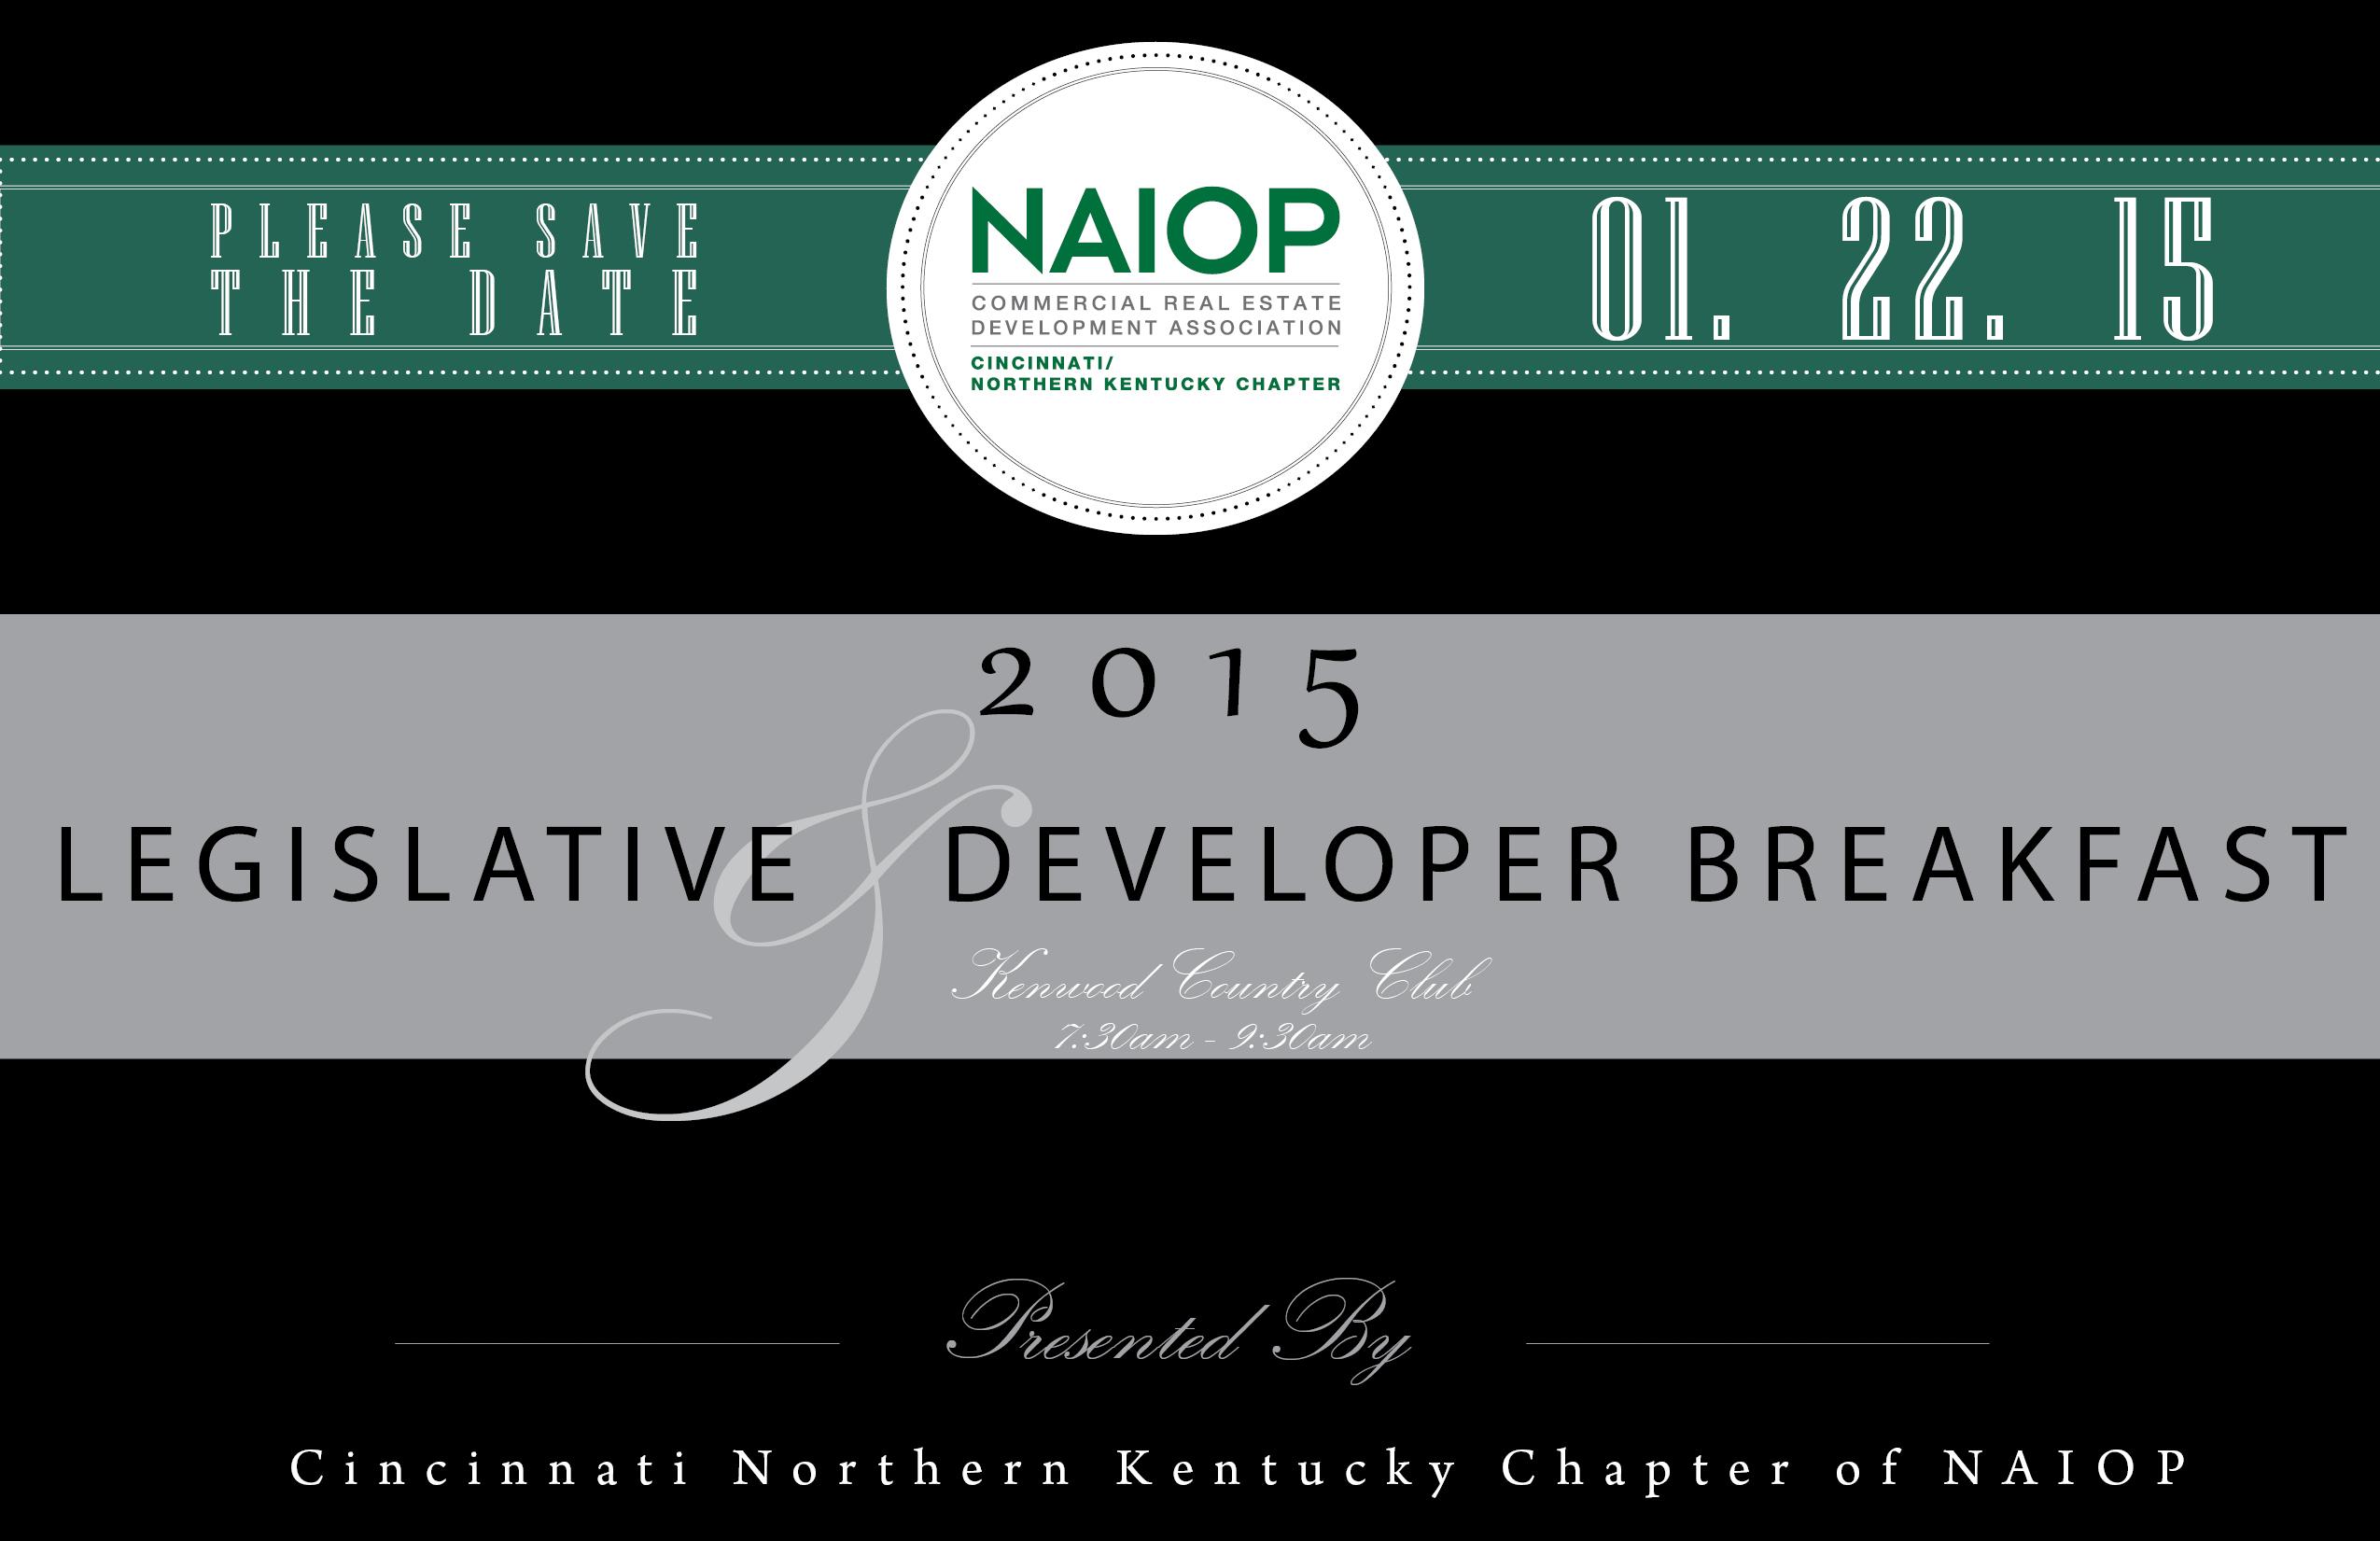 Legislative Developer Breakfast